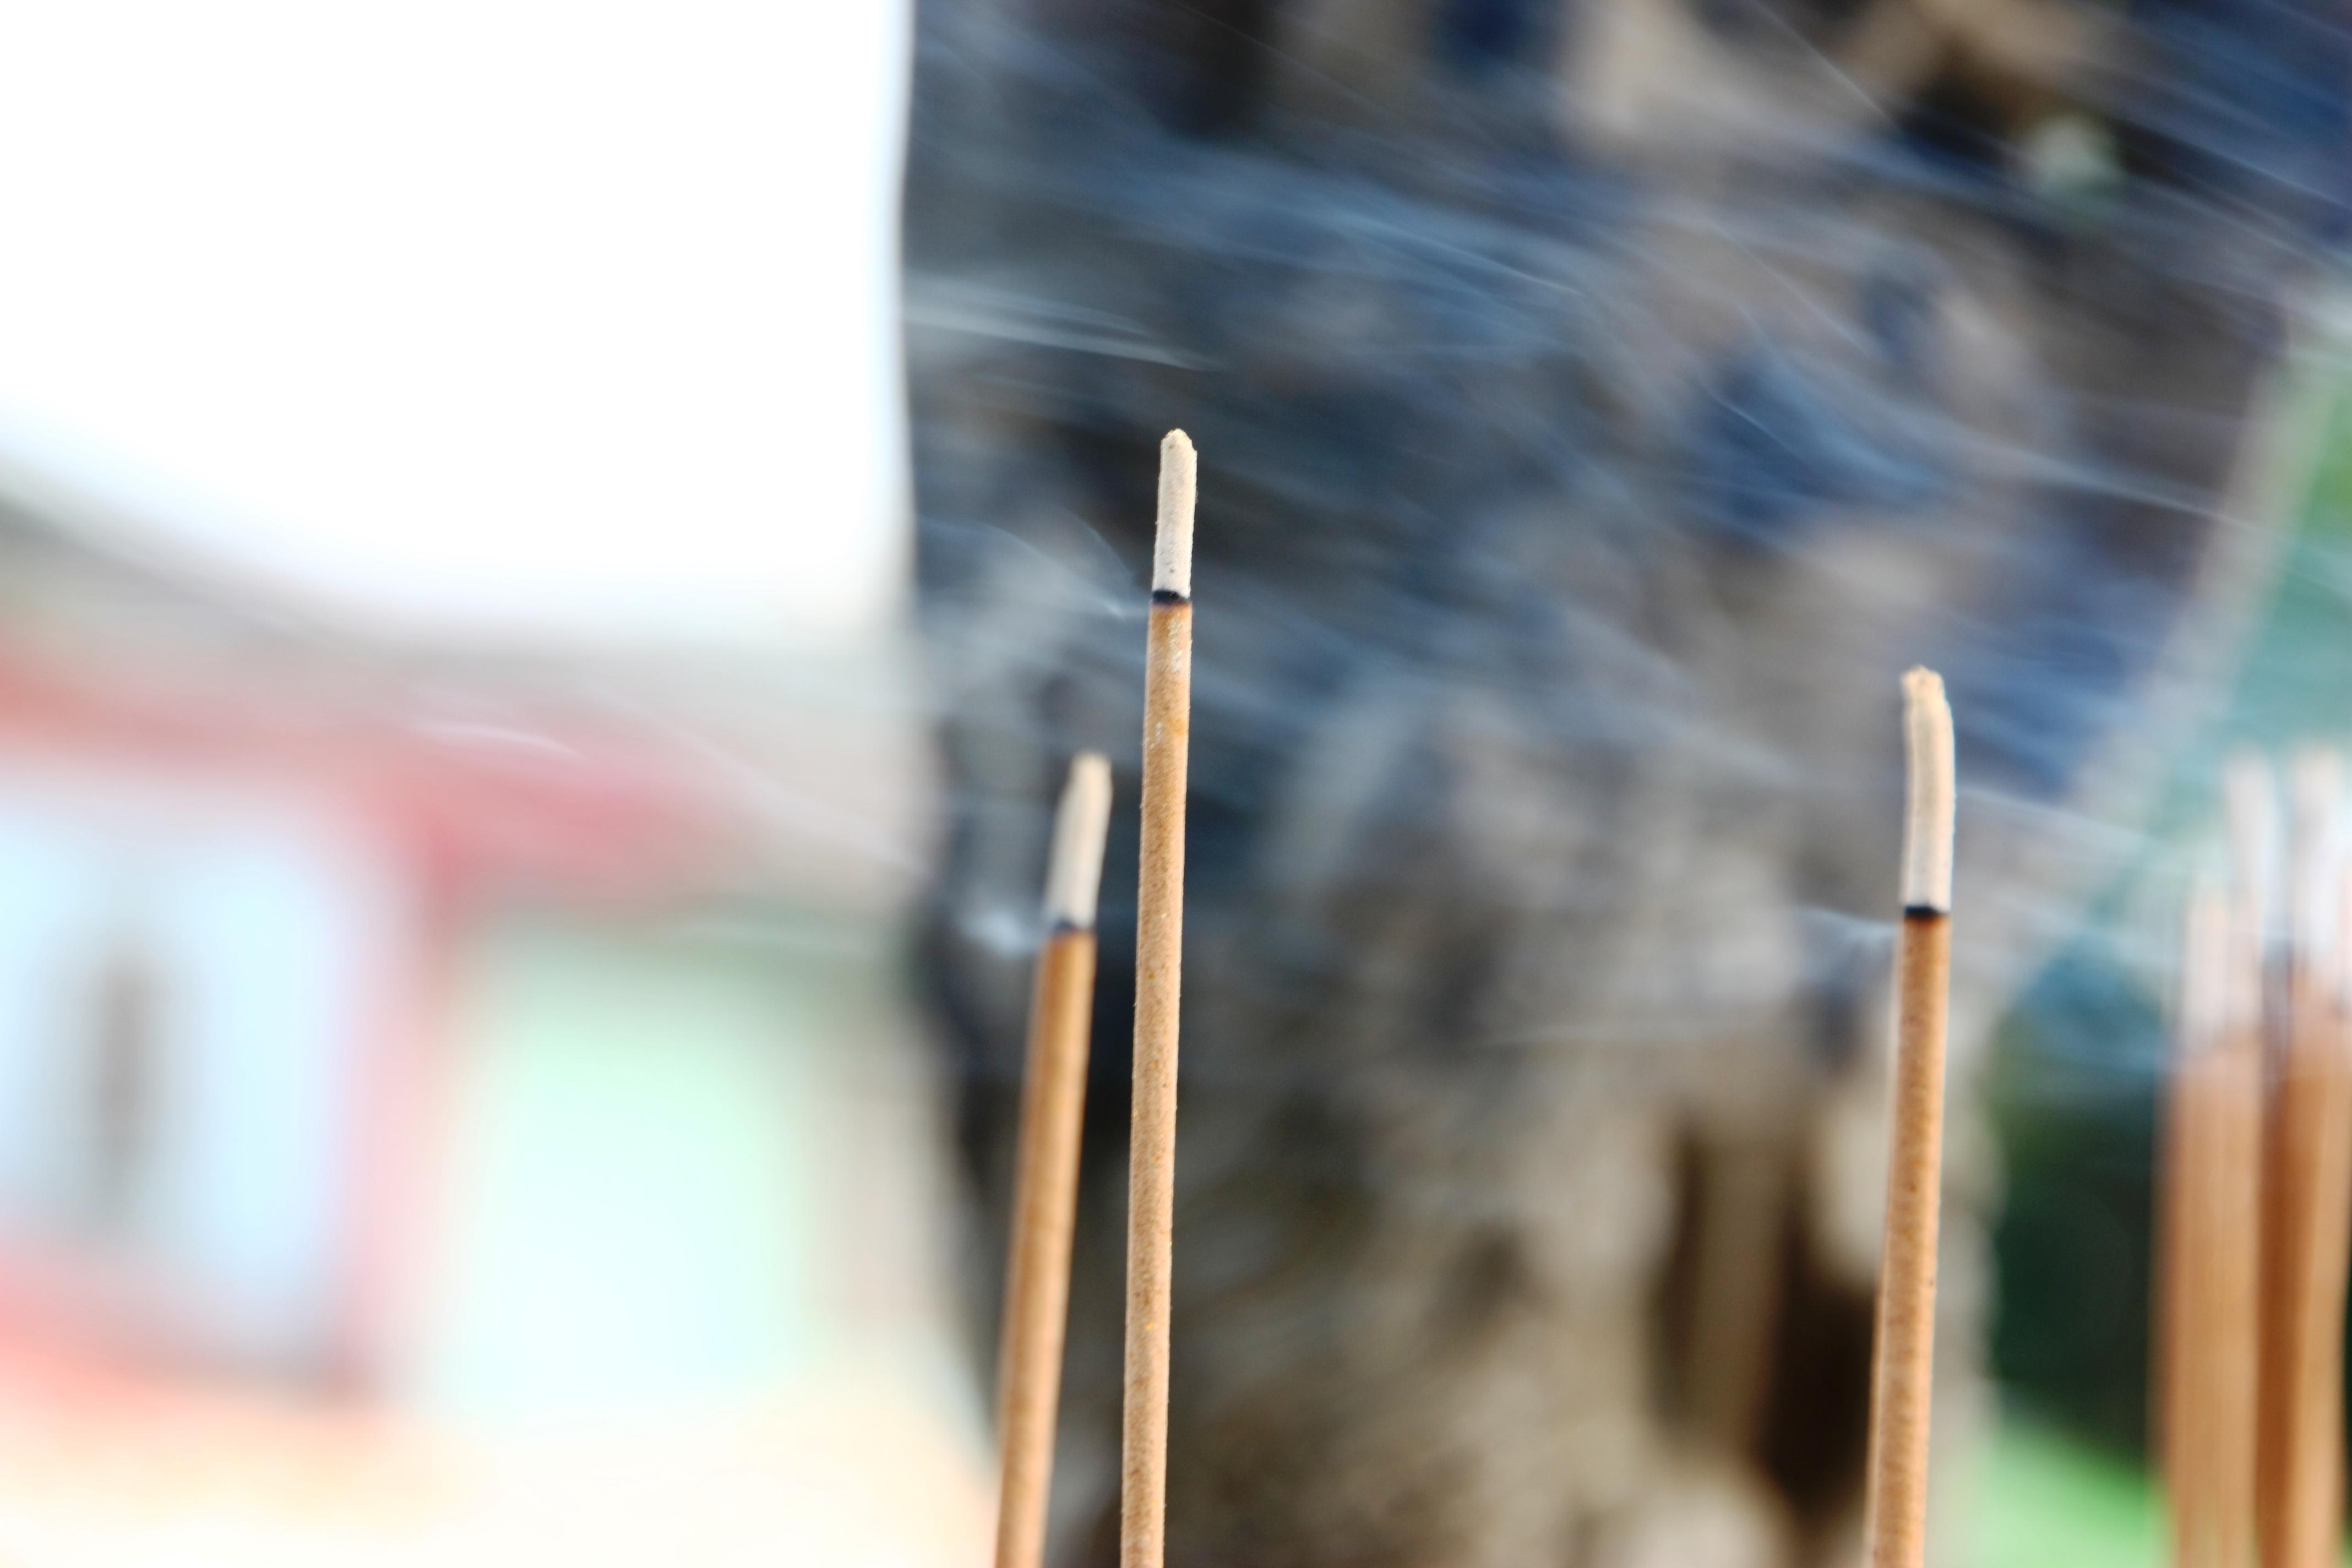 【攝】廟宇 @魚兒 x 牽手明太子的「視」界旅行